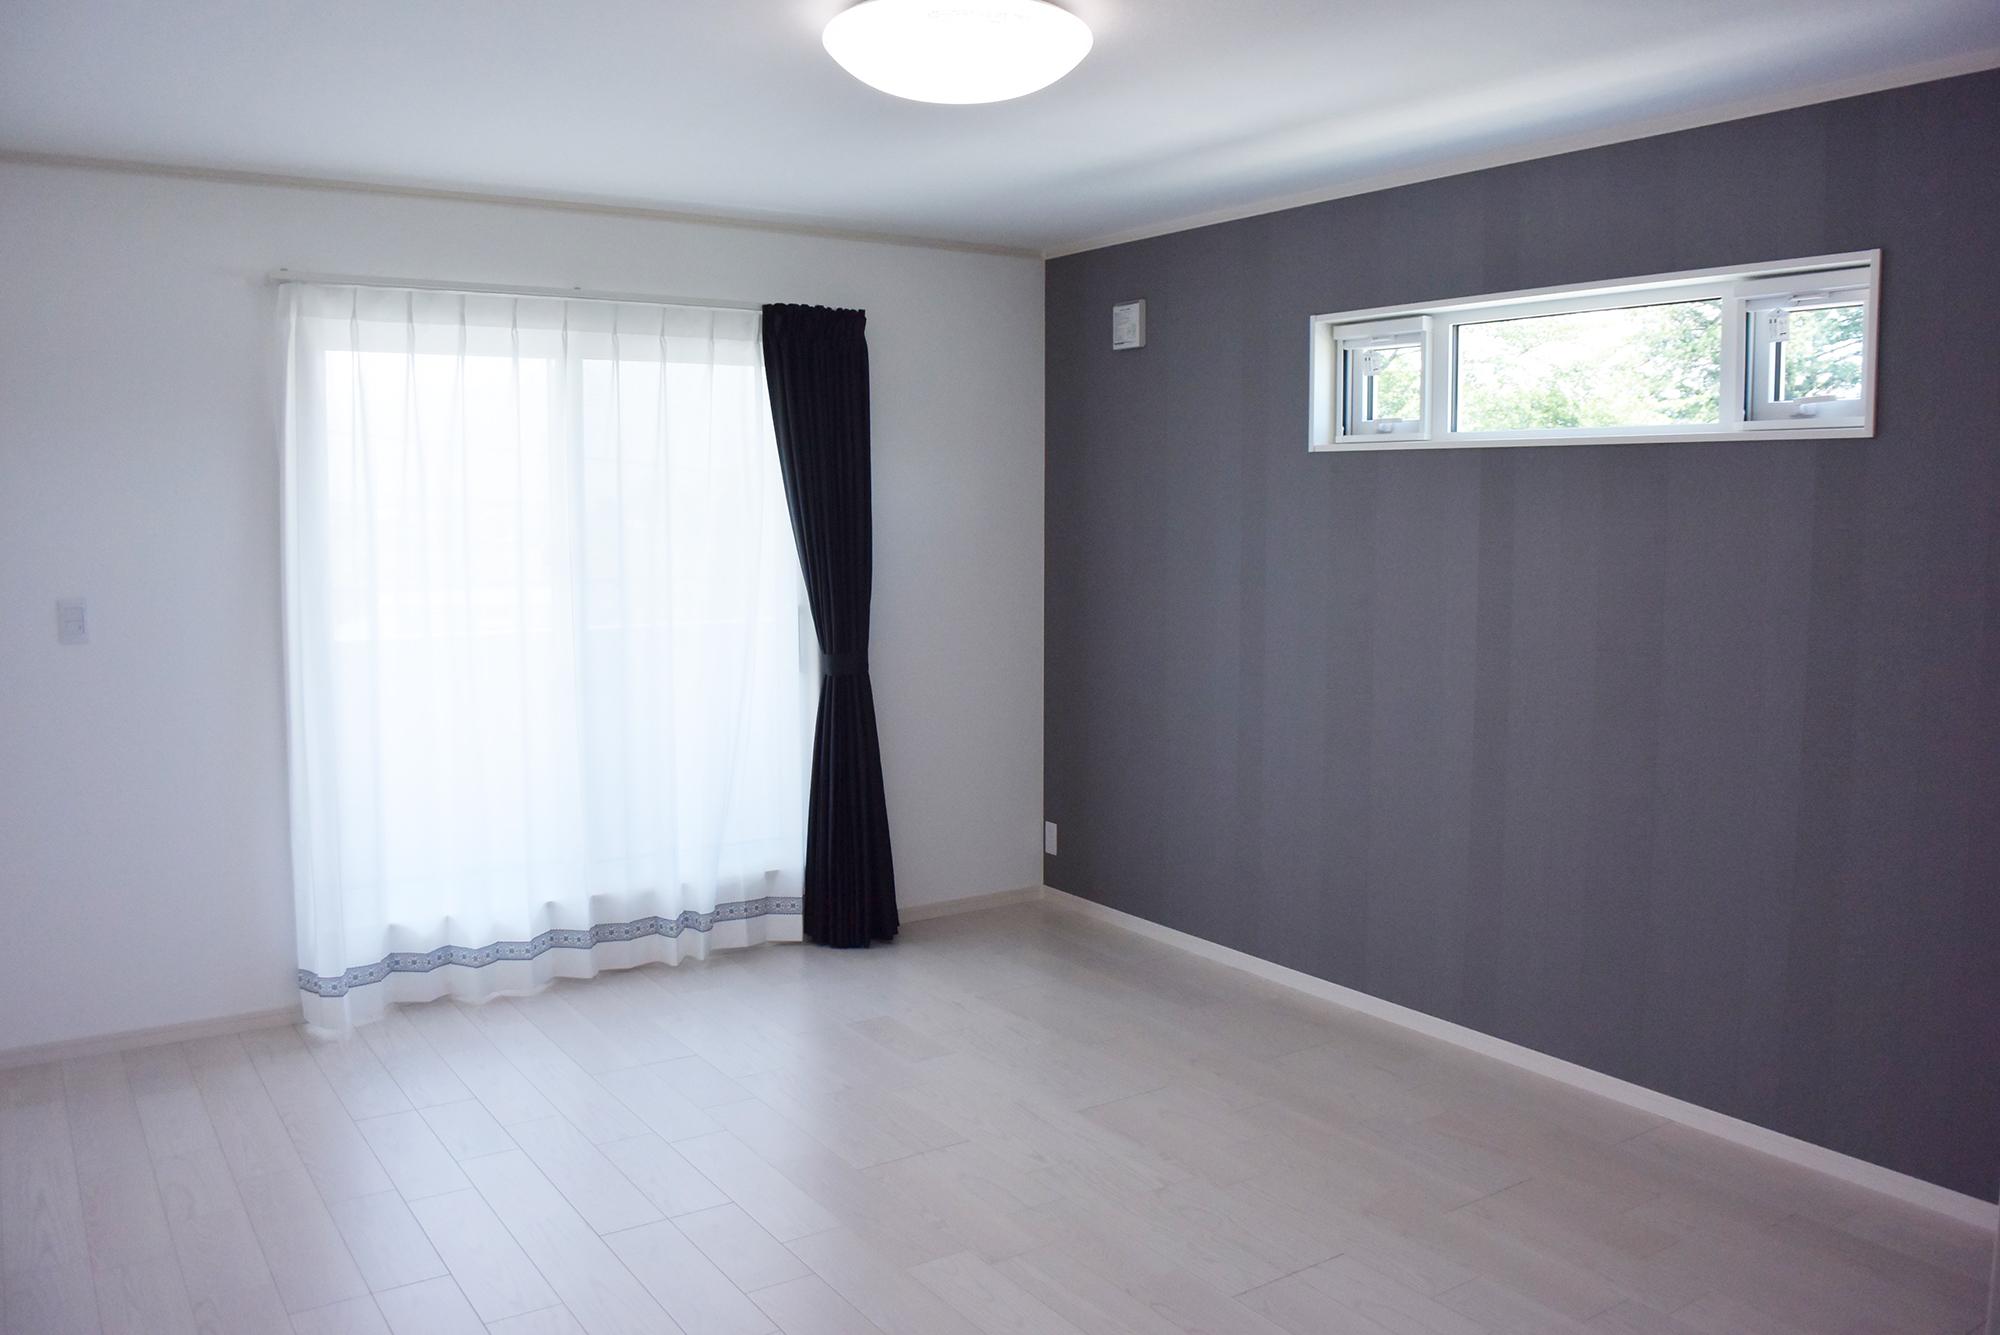 ゆったりとしたつくりの2F主寝室。ゆっくりと休めます。